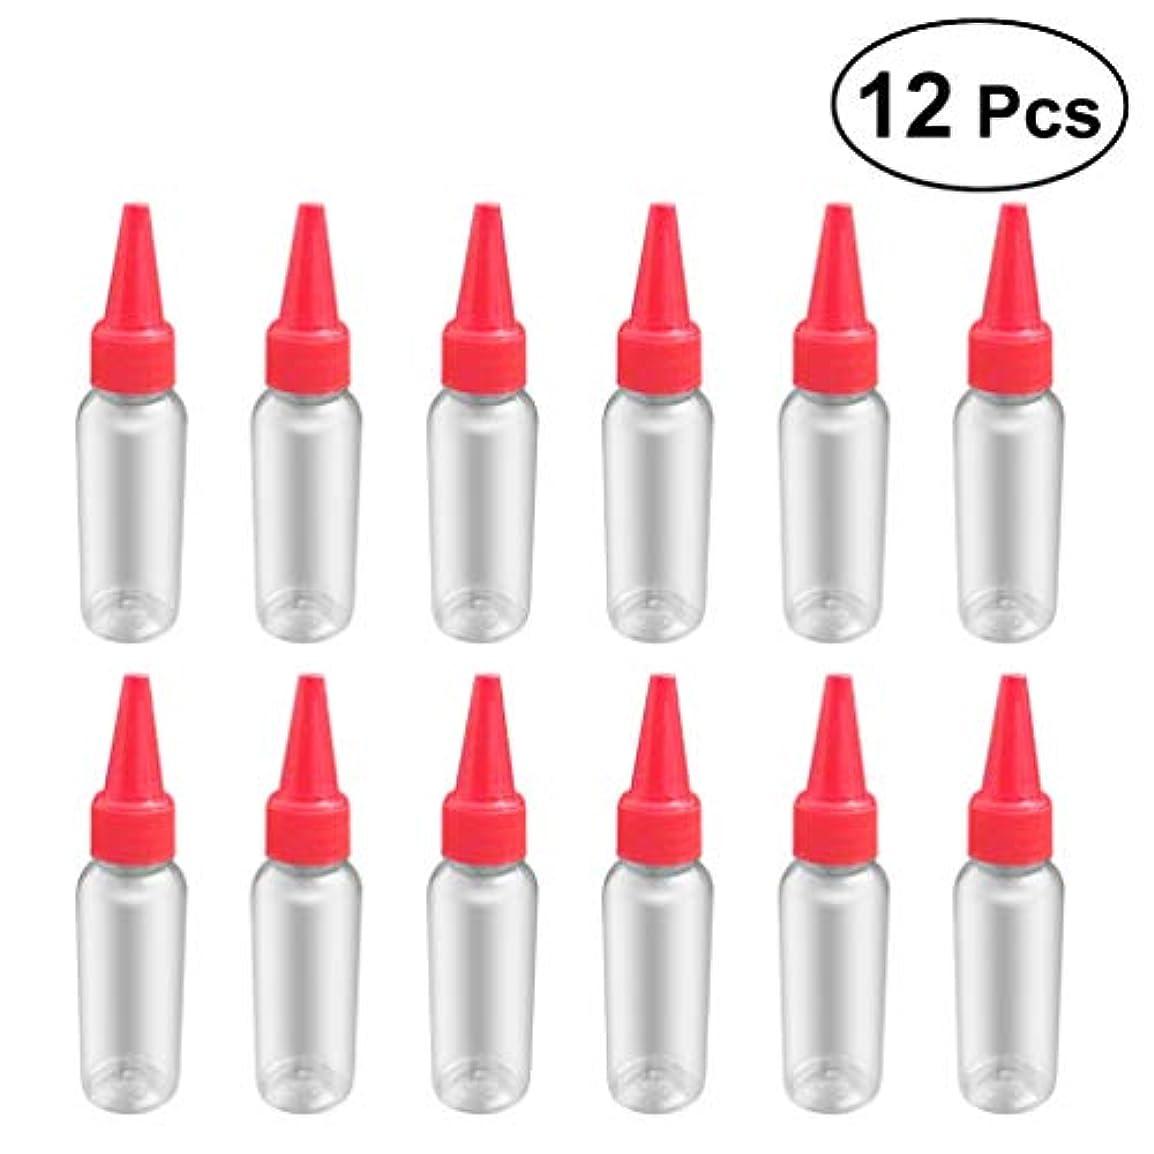 修復ペイン寝てるSUPVOX 12ピース プラスチック アプリケーターボトル スクイズフロー デザイン チップキャップ 空ボトル 用液体 オイルグルー ディスペンサー ヘアカラー 40ml(赤)